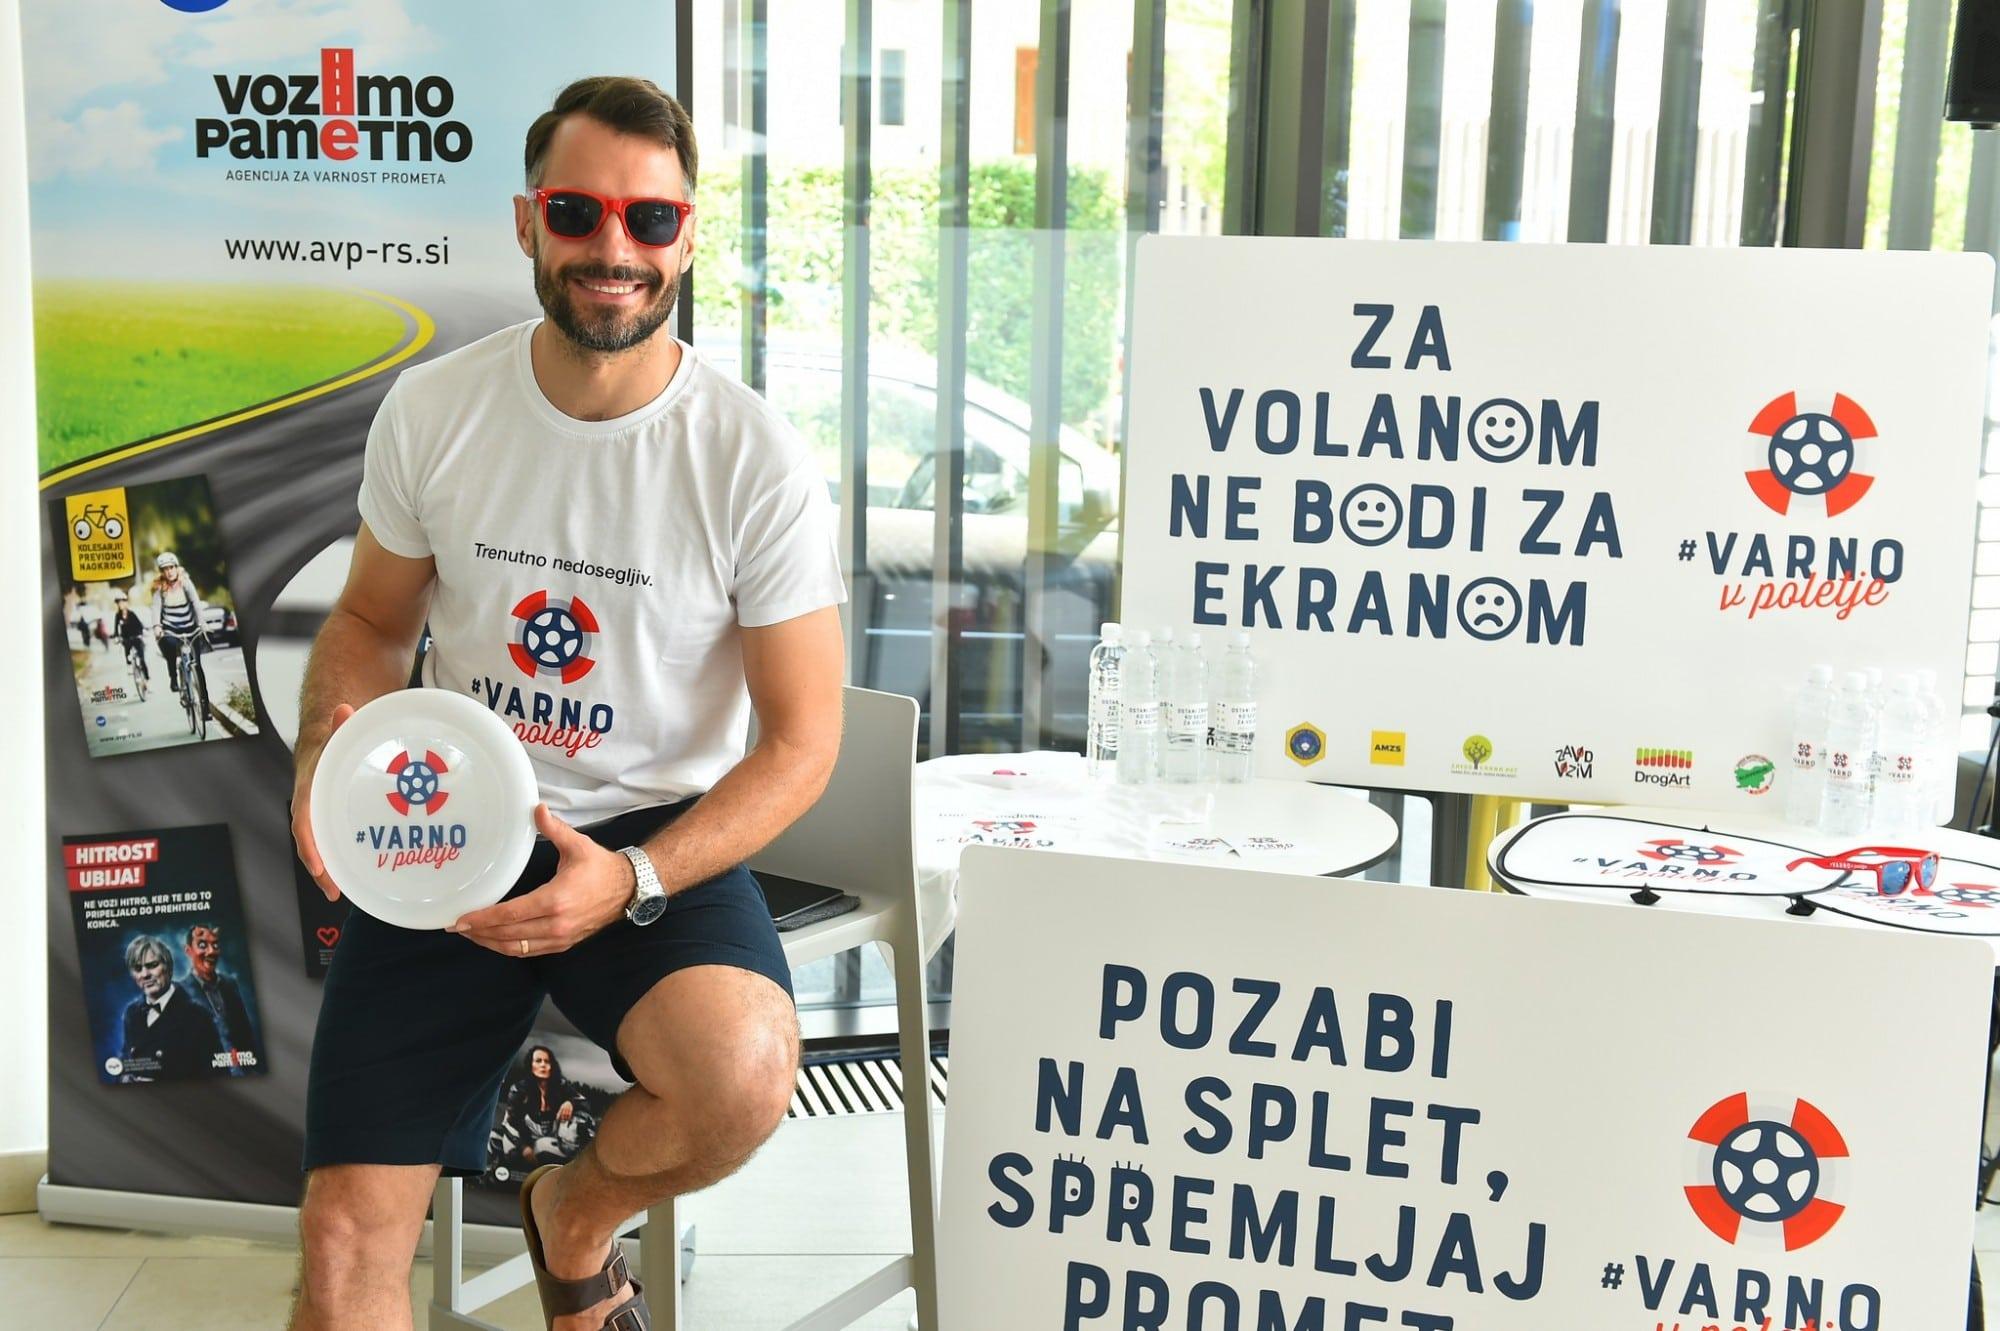 Foto 9 – Voditelj David Urankar z veseljem podpira projekt #VarnoVPoletje in pomaga širiti ozaveščenost o prometni varnosti.